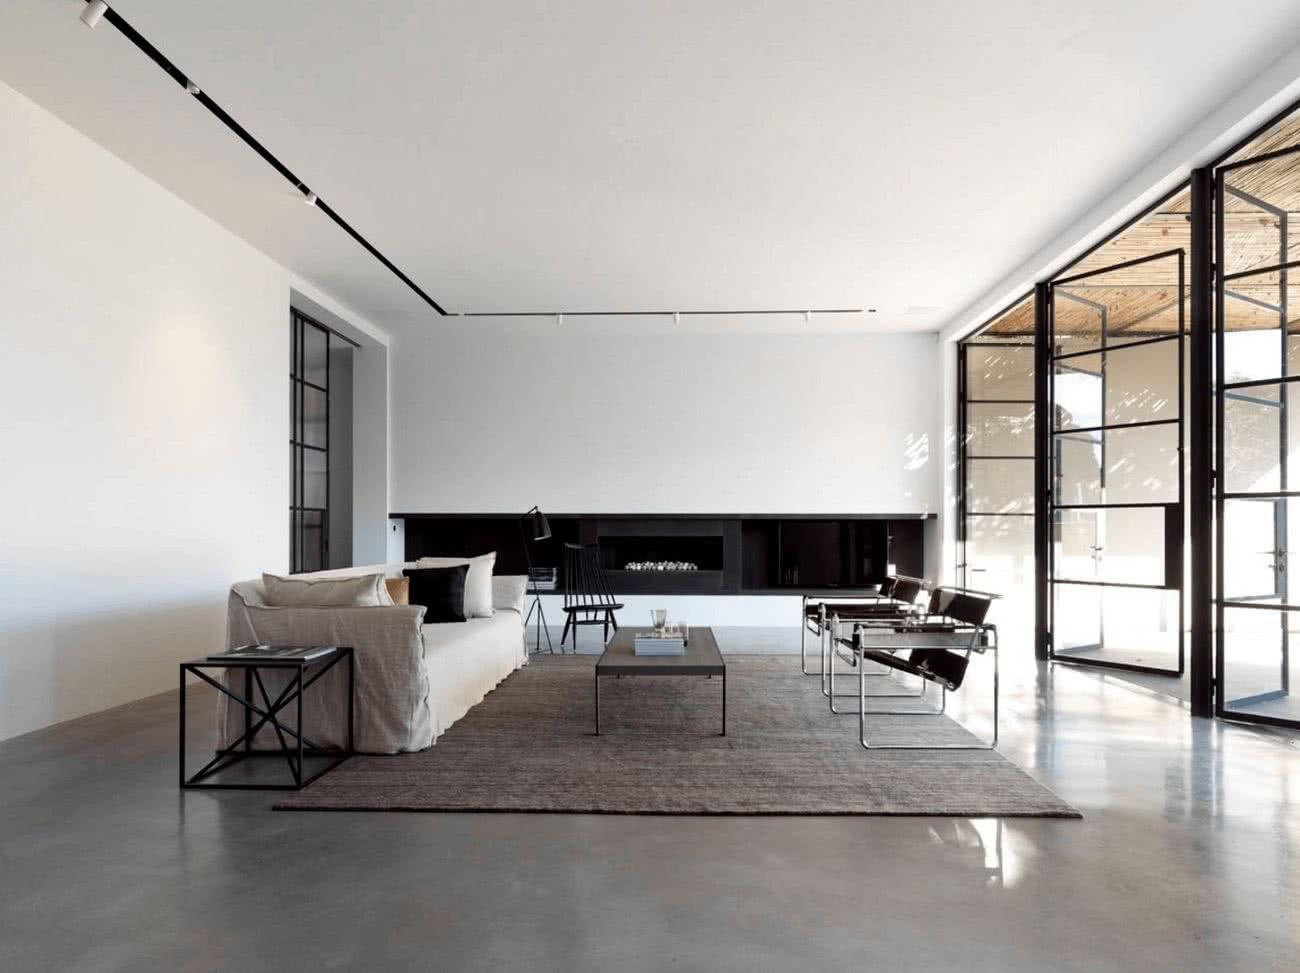 La imagen de una casa minimalista no puede dar lugar a cosas tiradas ni a suciedad la limpieza el orden y el equilibrio son fundamentales